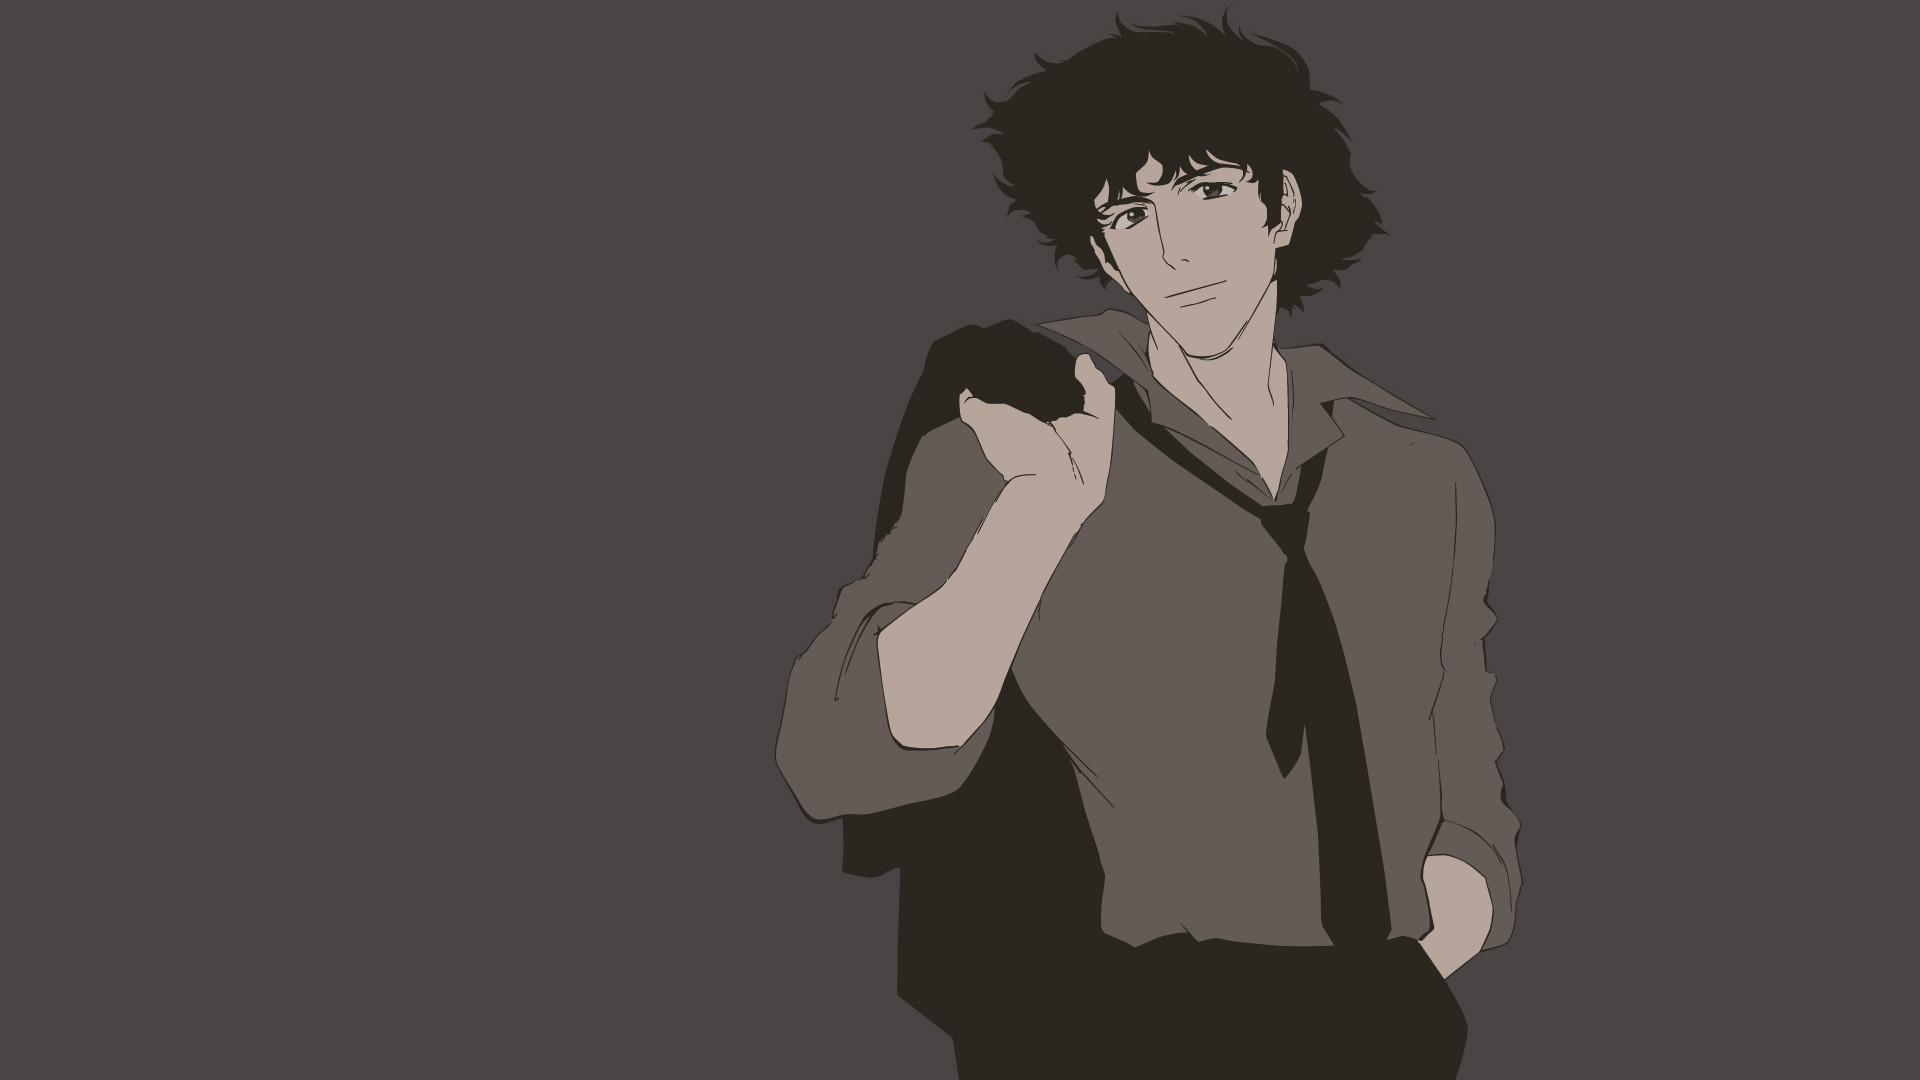 Spiegel Bildschirmhintergrund : W anime wallpapers » thread #1772345